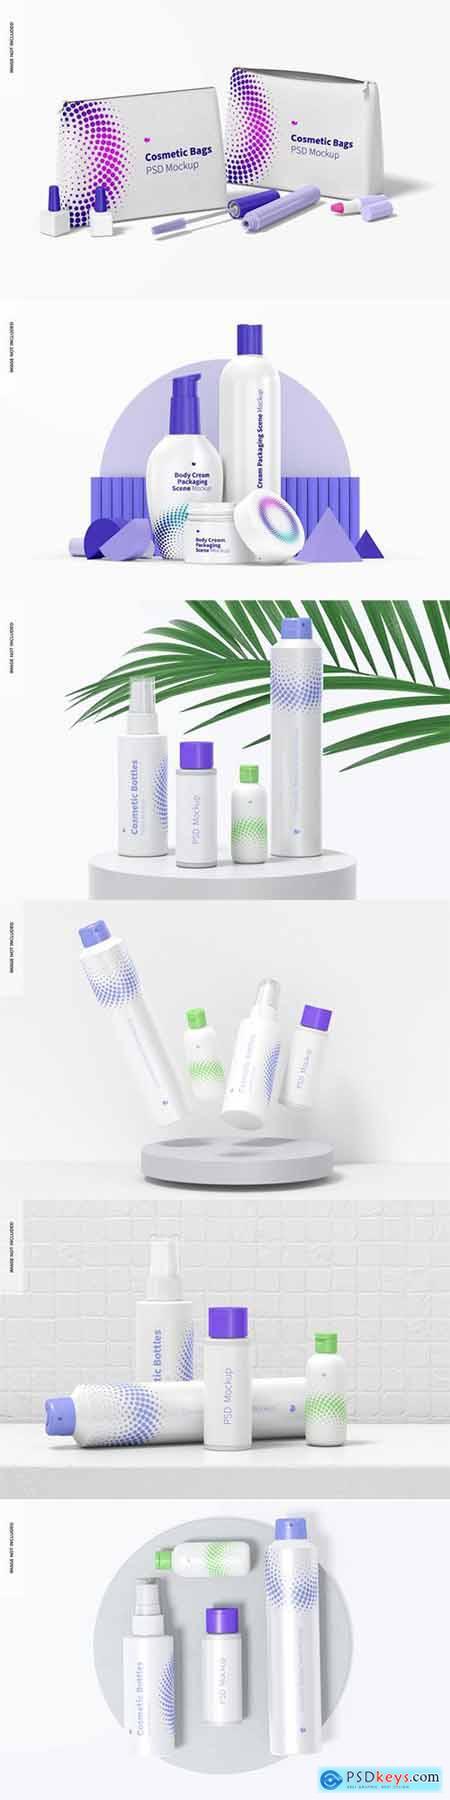 Cosmetic bottles scene mockup